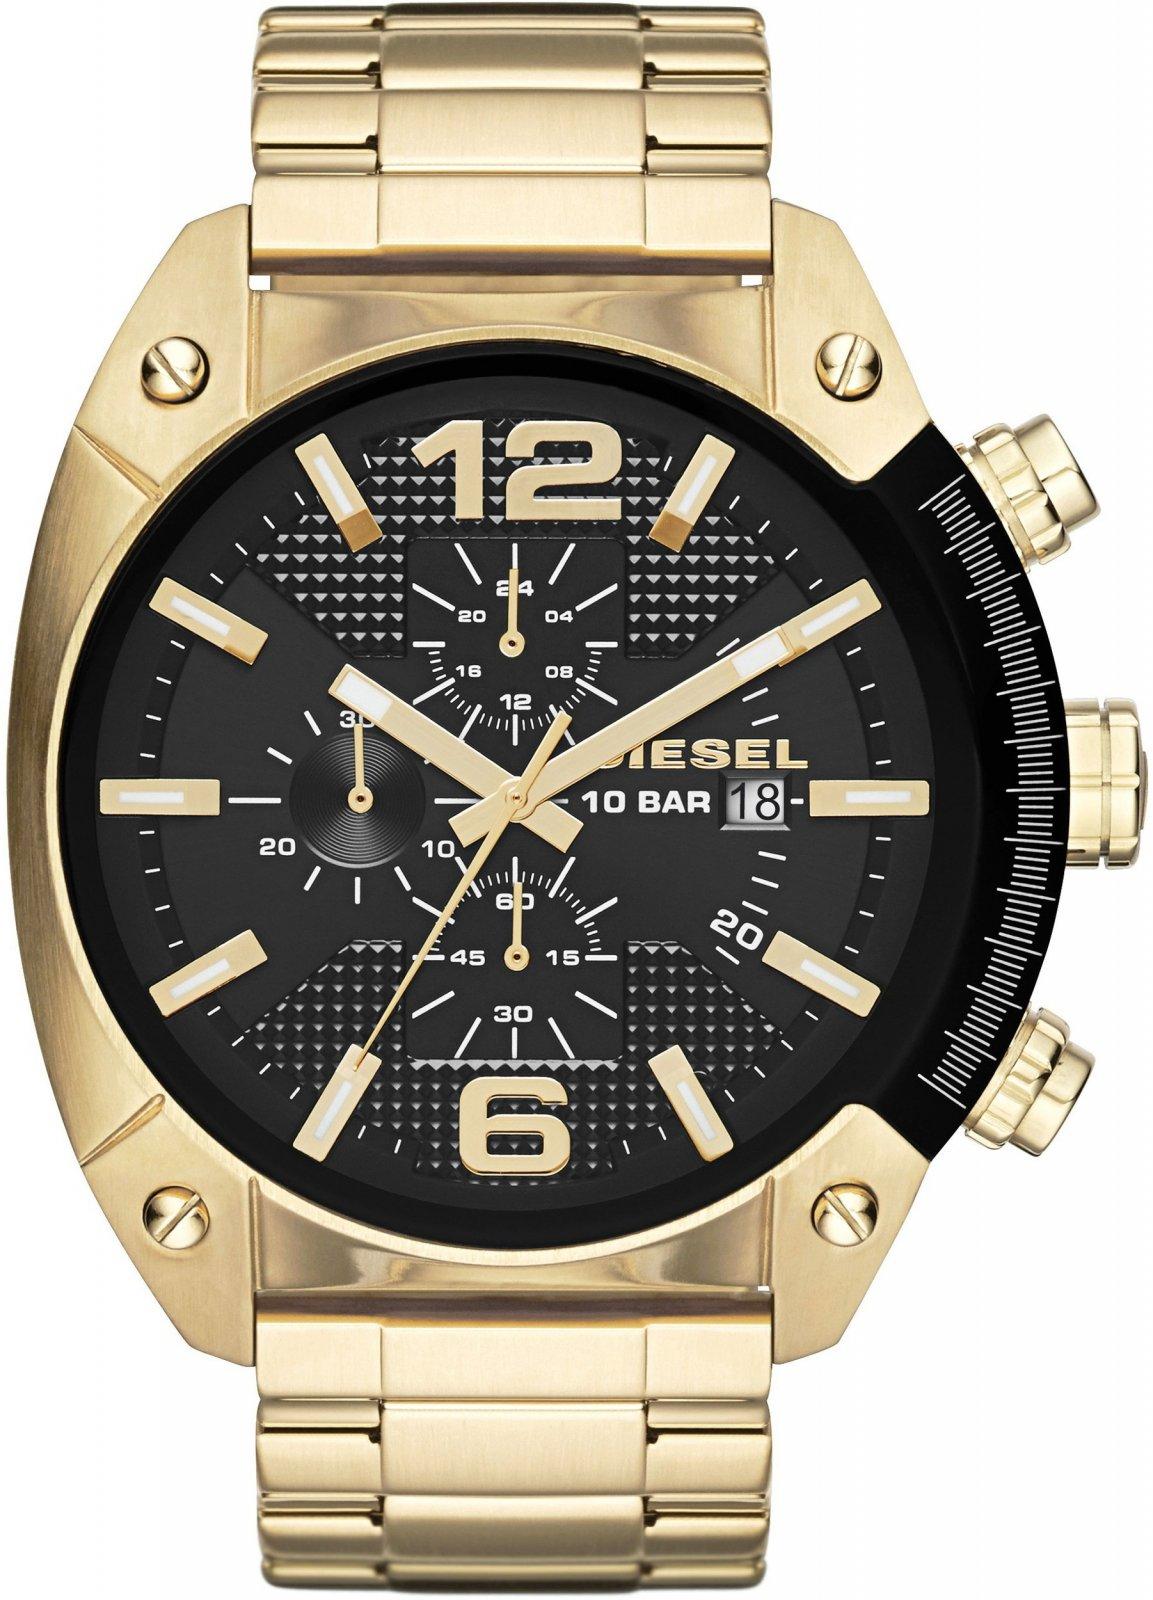 О бренде сеть салонов часов прекращает продажу швейцарских часов seculus, но у нас вы по-прежнему можете заказать оригинальный ремешок для часов этого бренда.